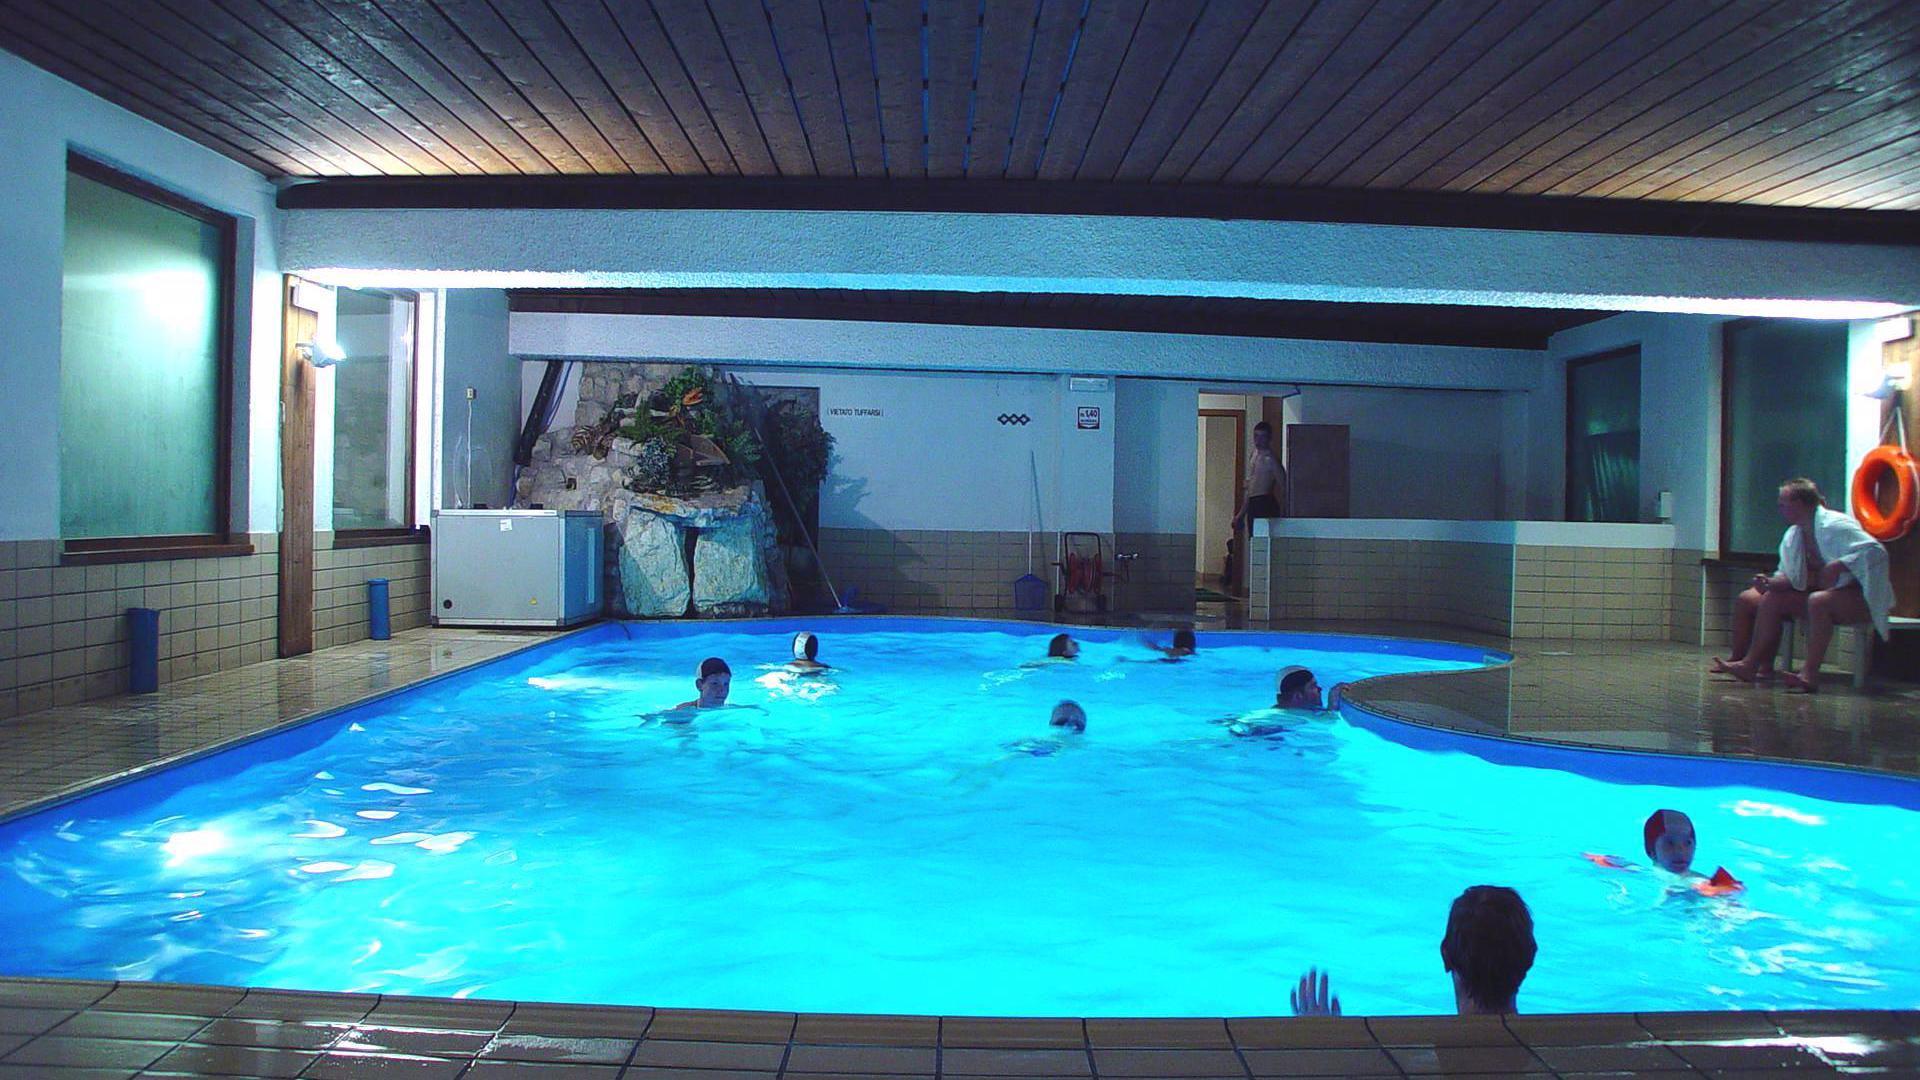 Club hotel alpino azienda per il turismo folgaria lavarone e luserna - Folgaria hotel con piscina ...